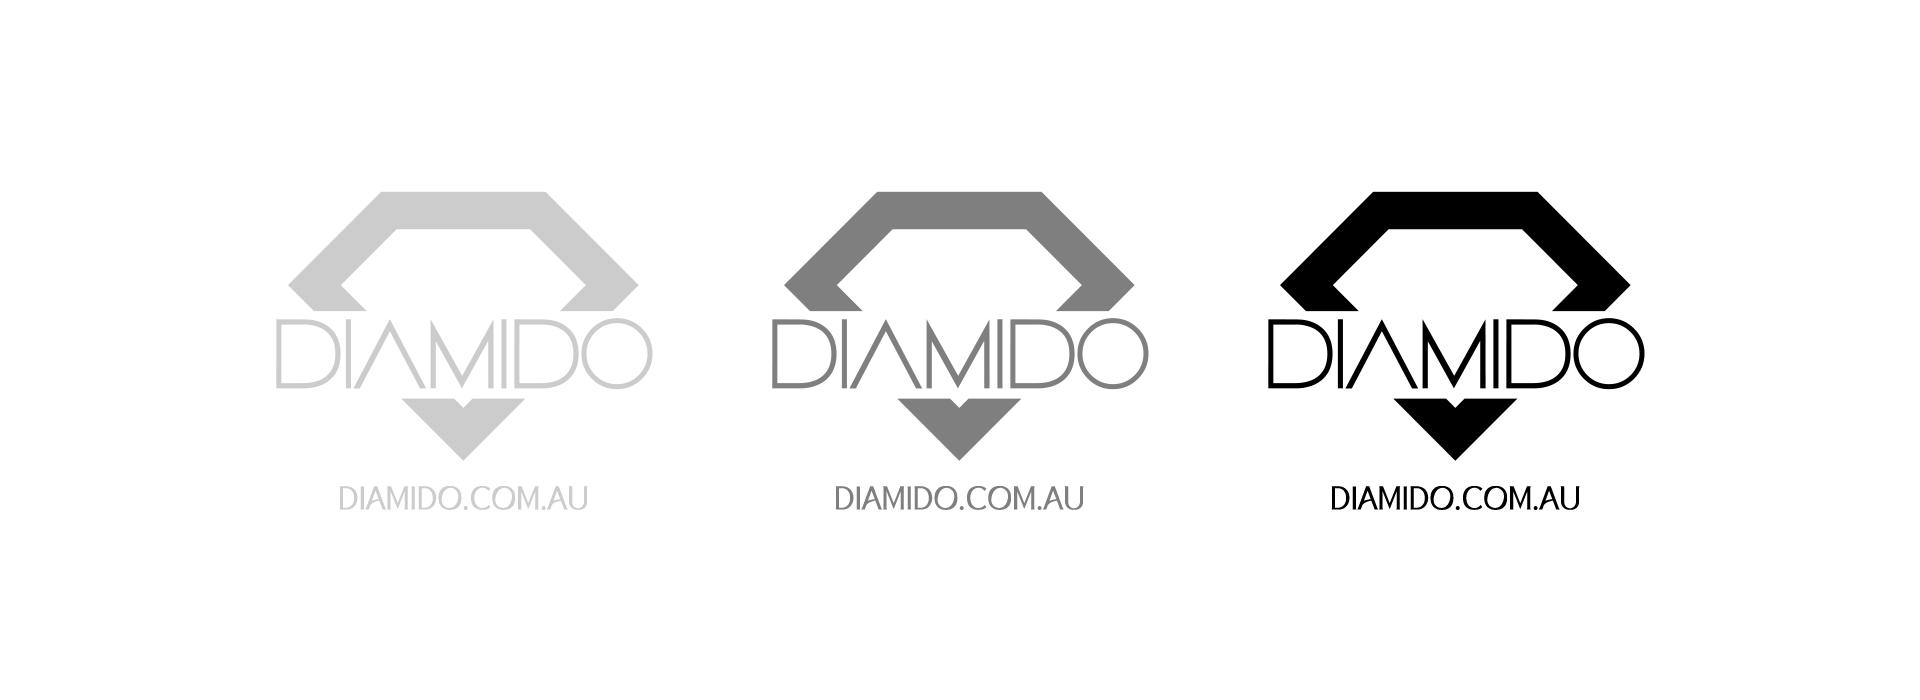 jewellery online shop